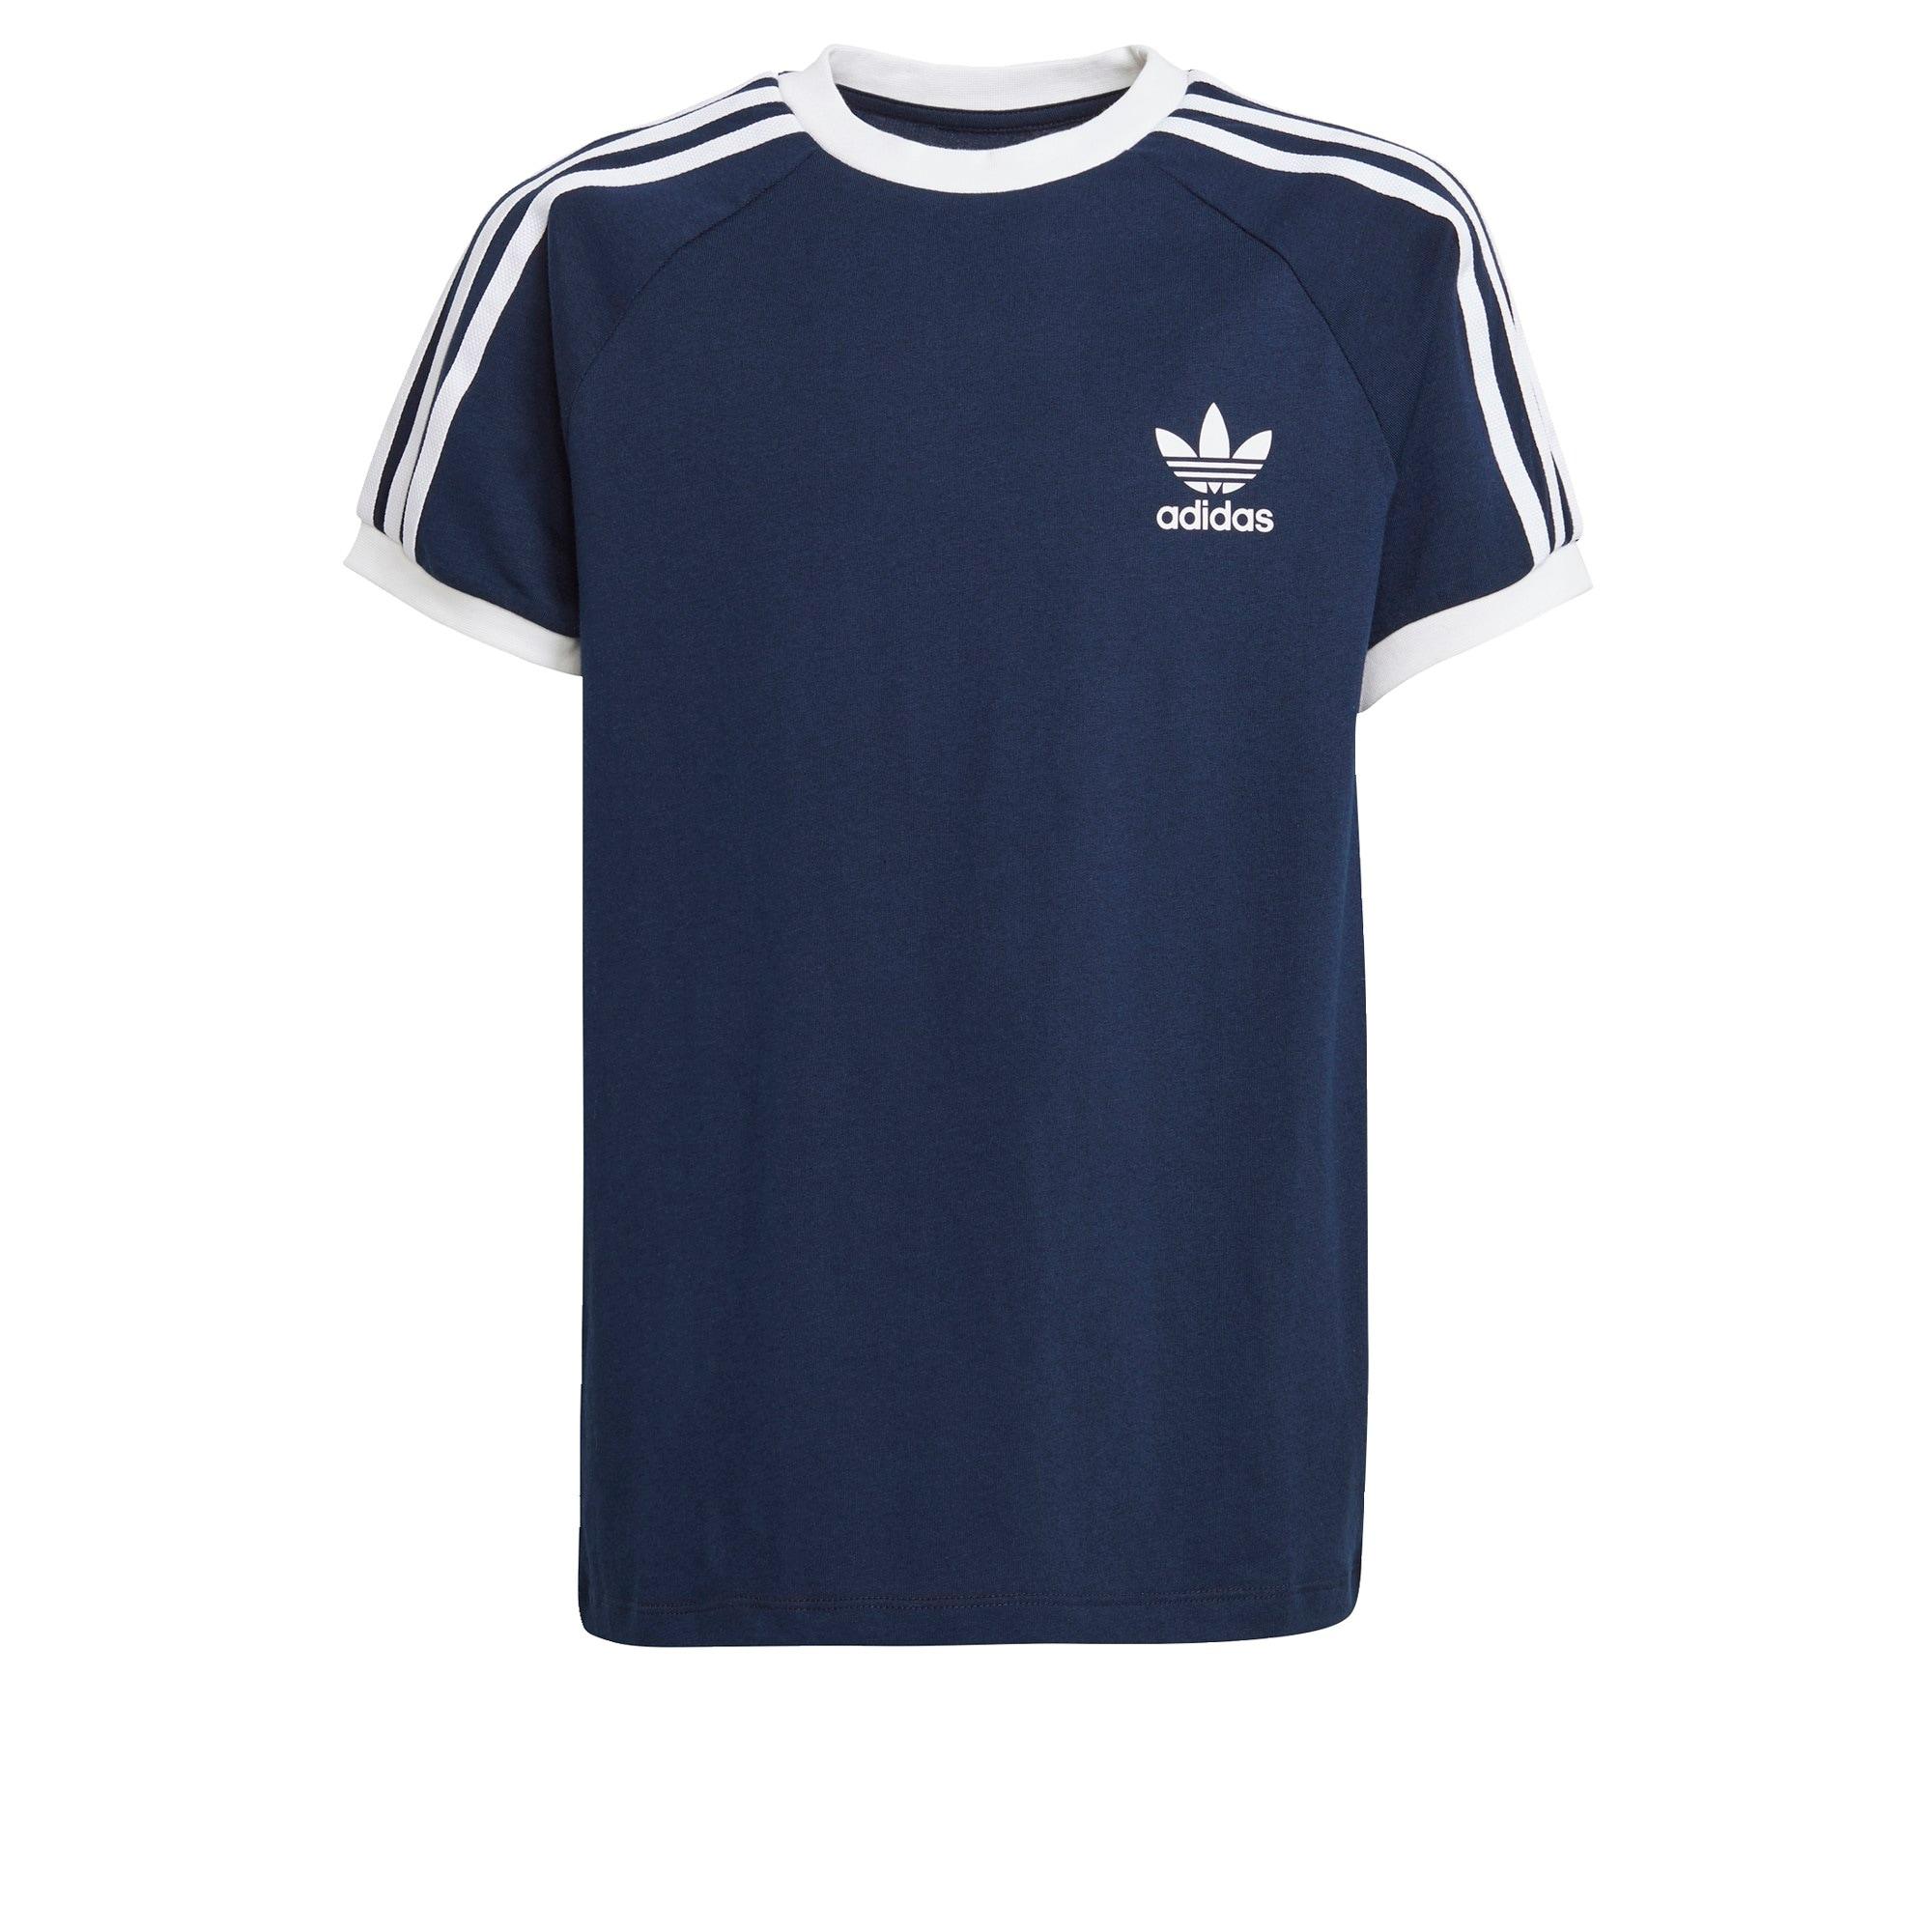 ADIDAS ORIGINALS Marškinėliai tamsiai mėlyna / balta